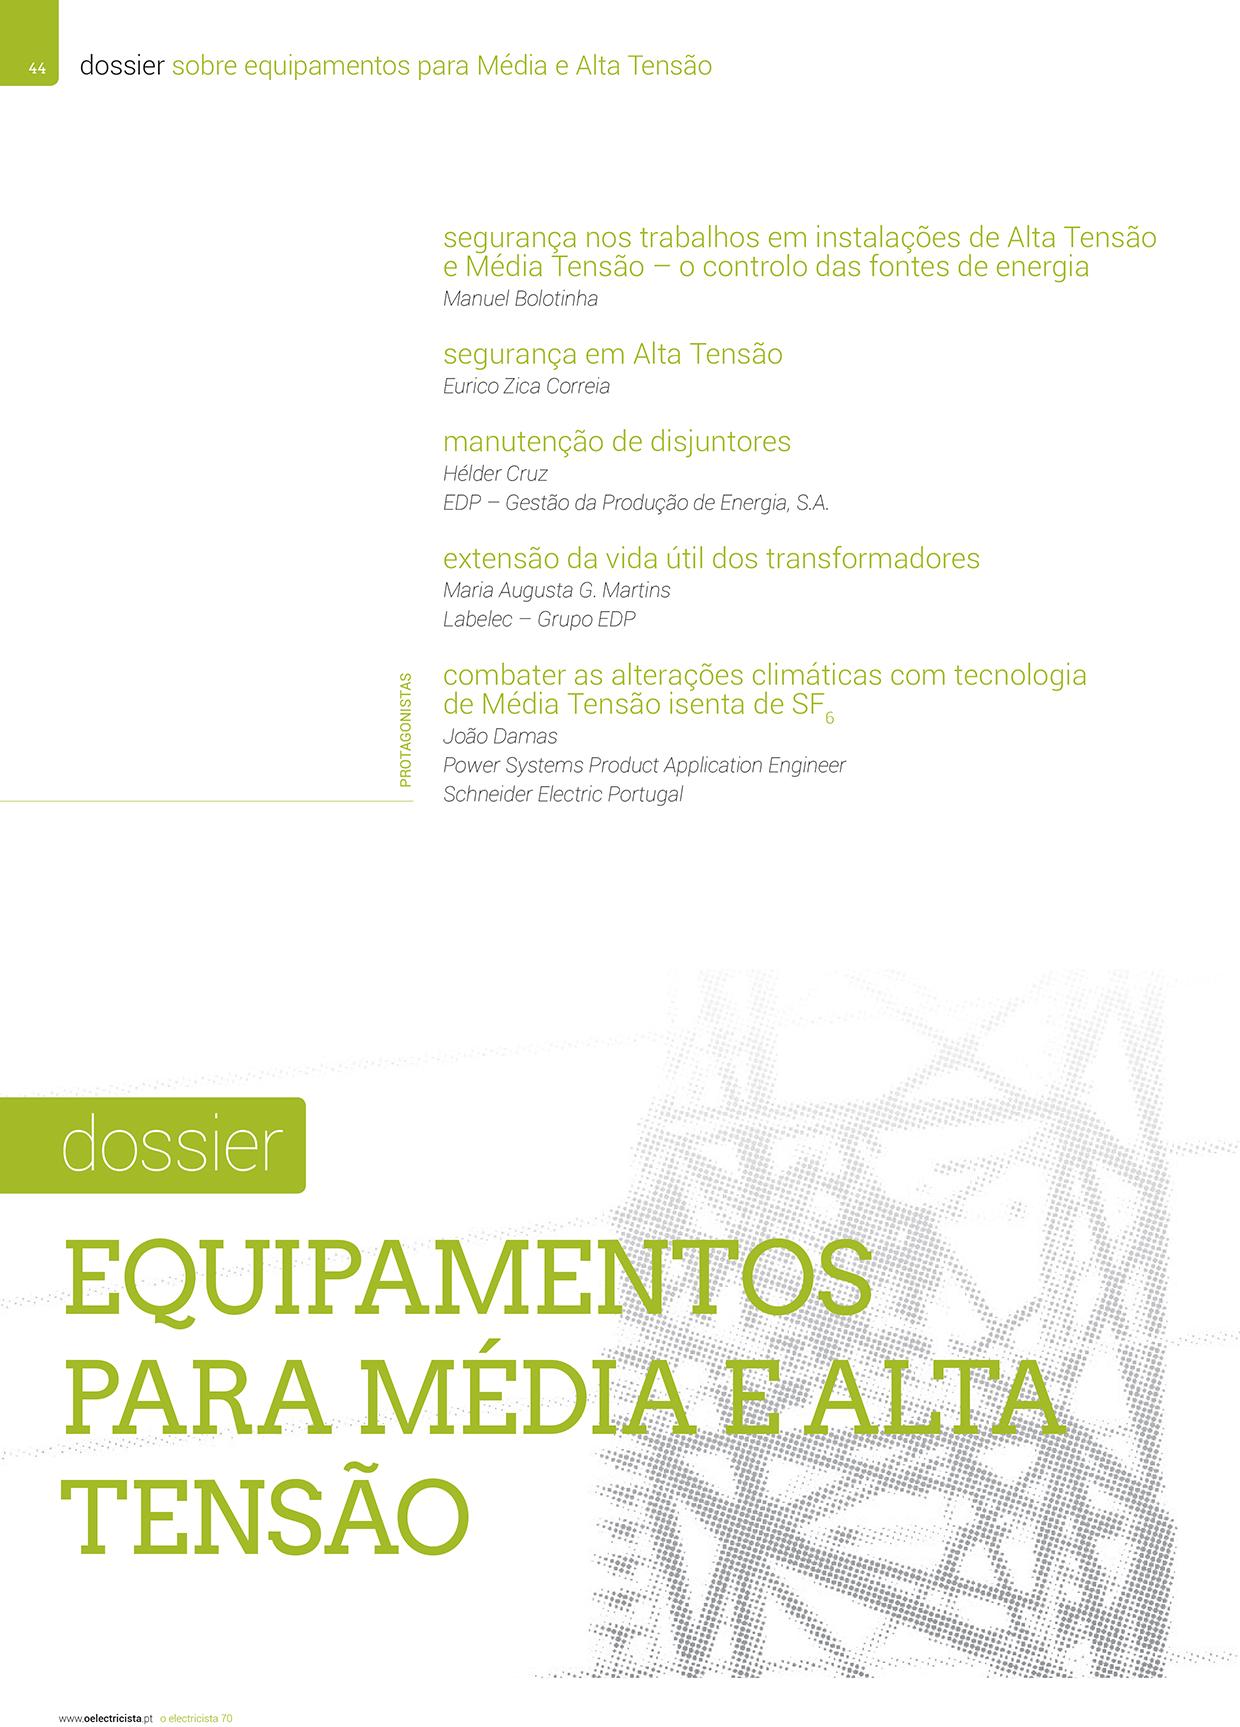 Dossier sobre Equipamentos para Média e Alta Tensão